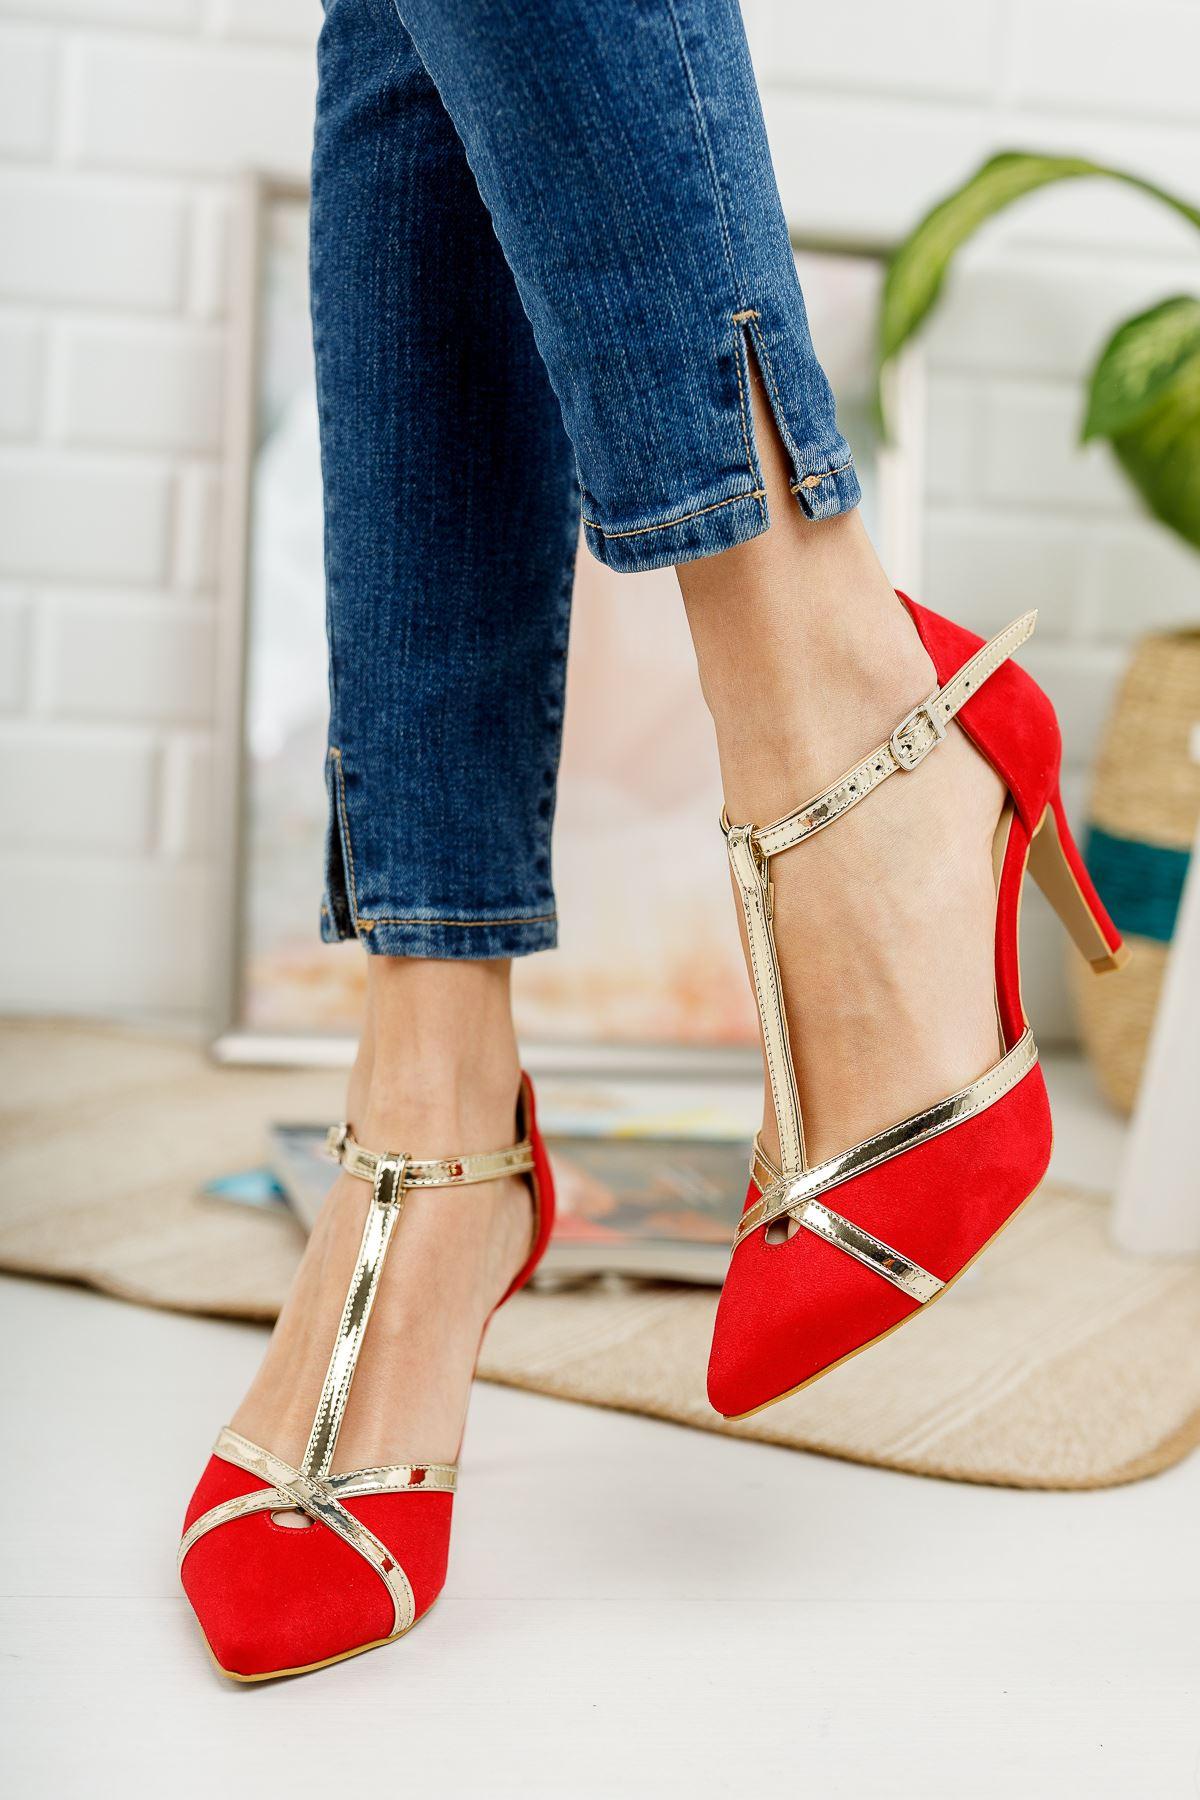 Toronto Kırmızı Süet Altın Baretli Sivri Burun Topuklu Ayakkabı